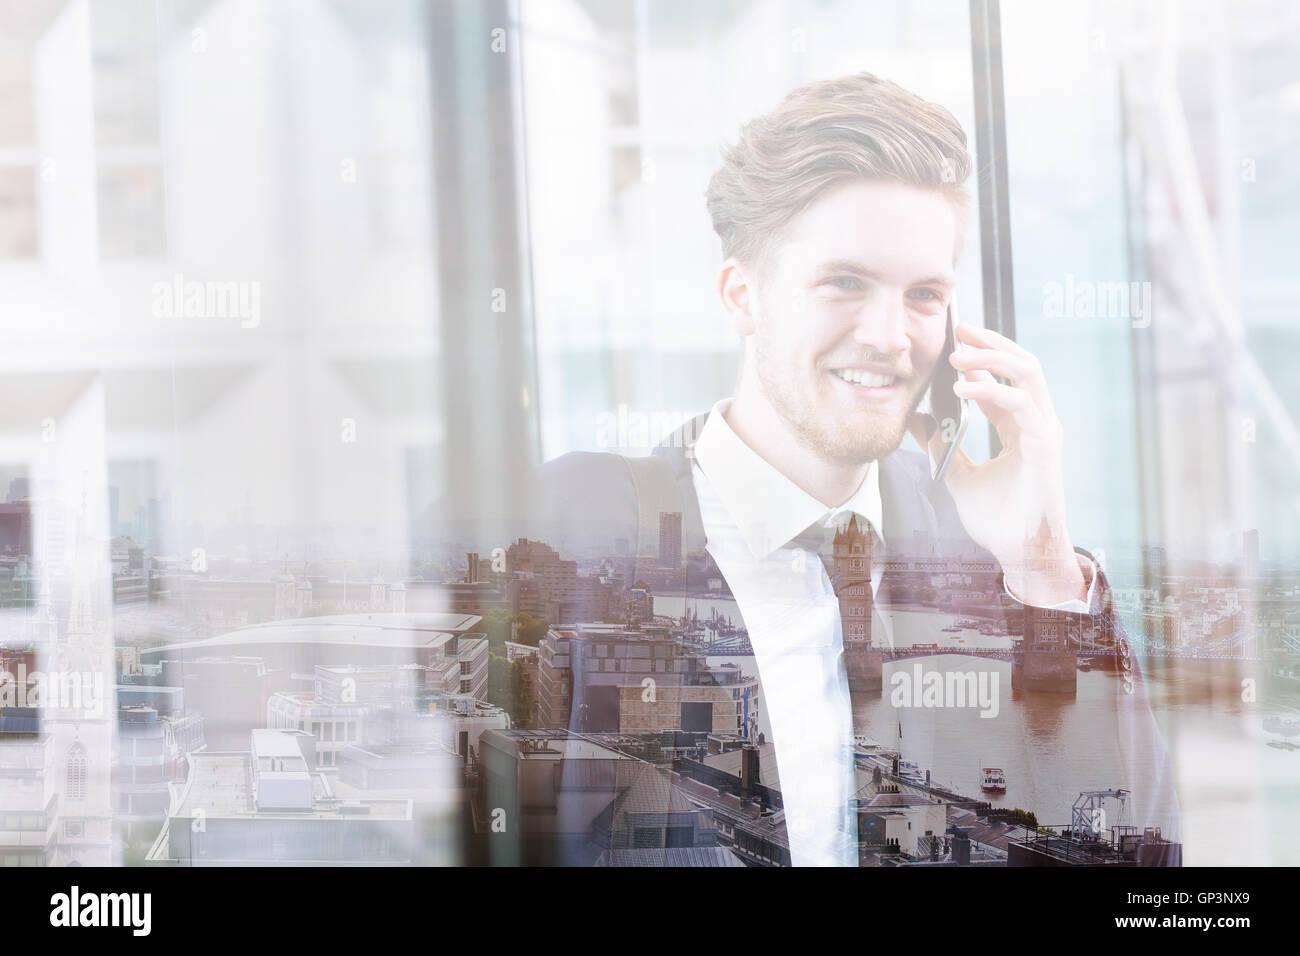 Doppia esposizione di business man parla al telefono e lo skyline di Londra vista panoramica, cityscape Immagini Stock